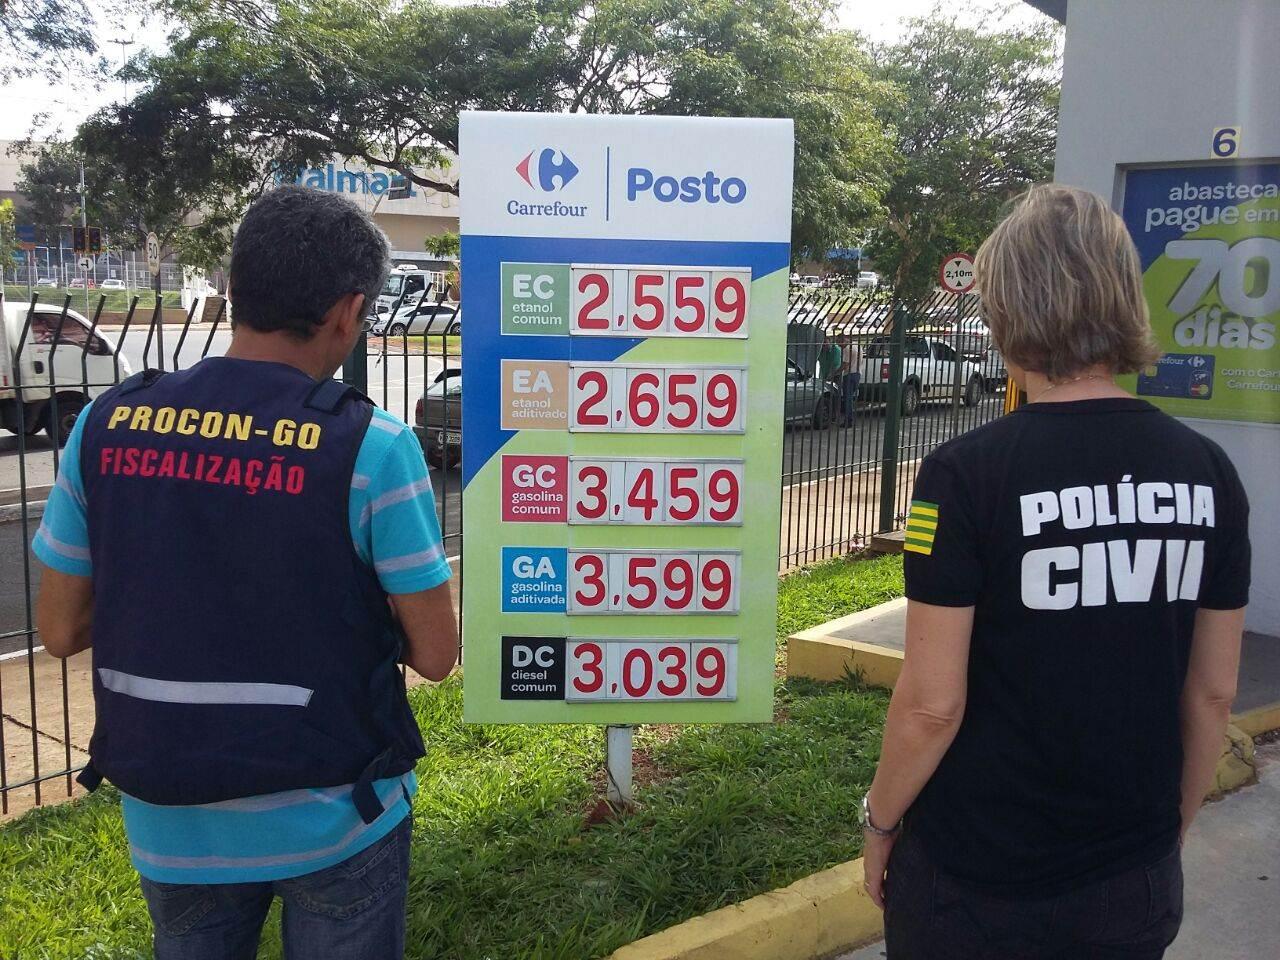 Polícia Civil realiza grande operação de fiscalização em postos de combustíveis de Goiânia | Fotos: Divulgação